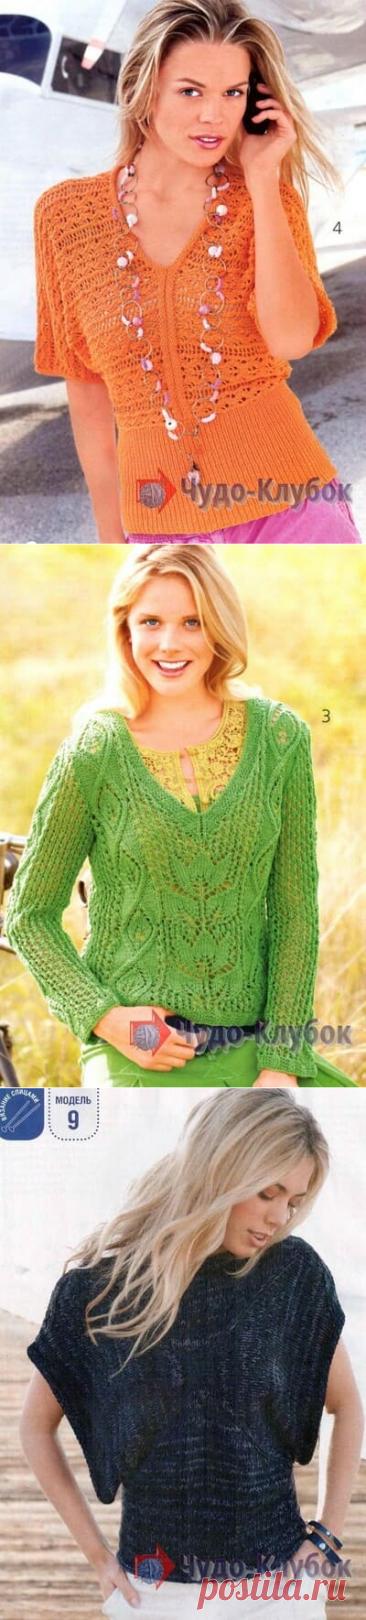 Вязаный спицами женский пуловер *❤️️ ЧУДО-КЛУБОК.рУ ➲ официальный сайт вязания ✶